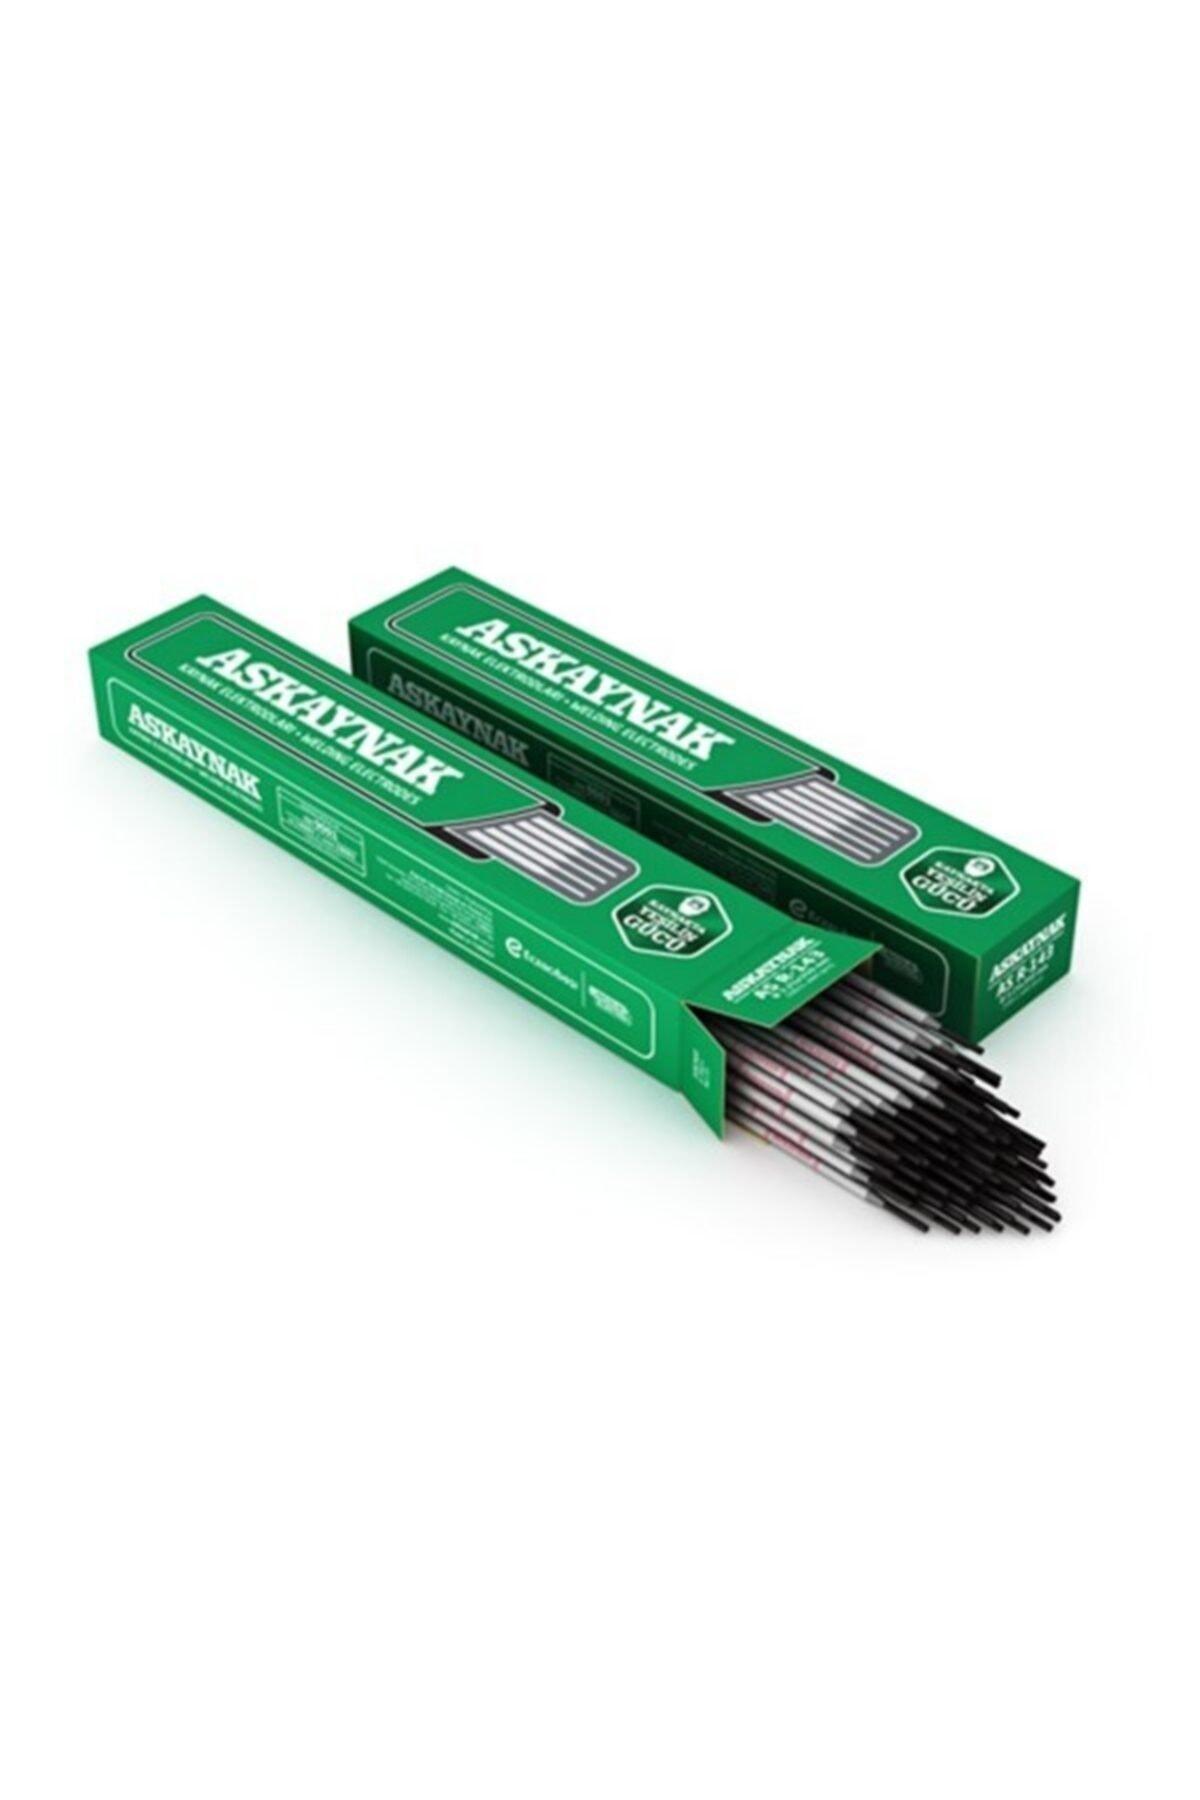 Askaynak Kaynak Elektrod 2.5x350 mm As R-145  1 Pk  100 Adet 1